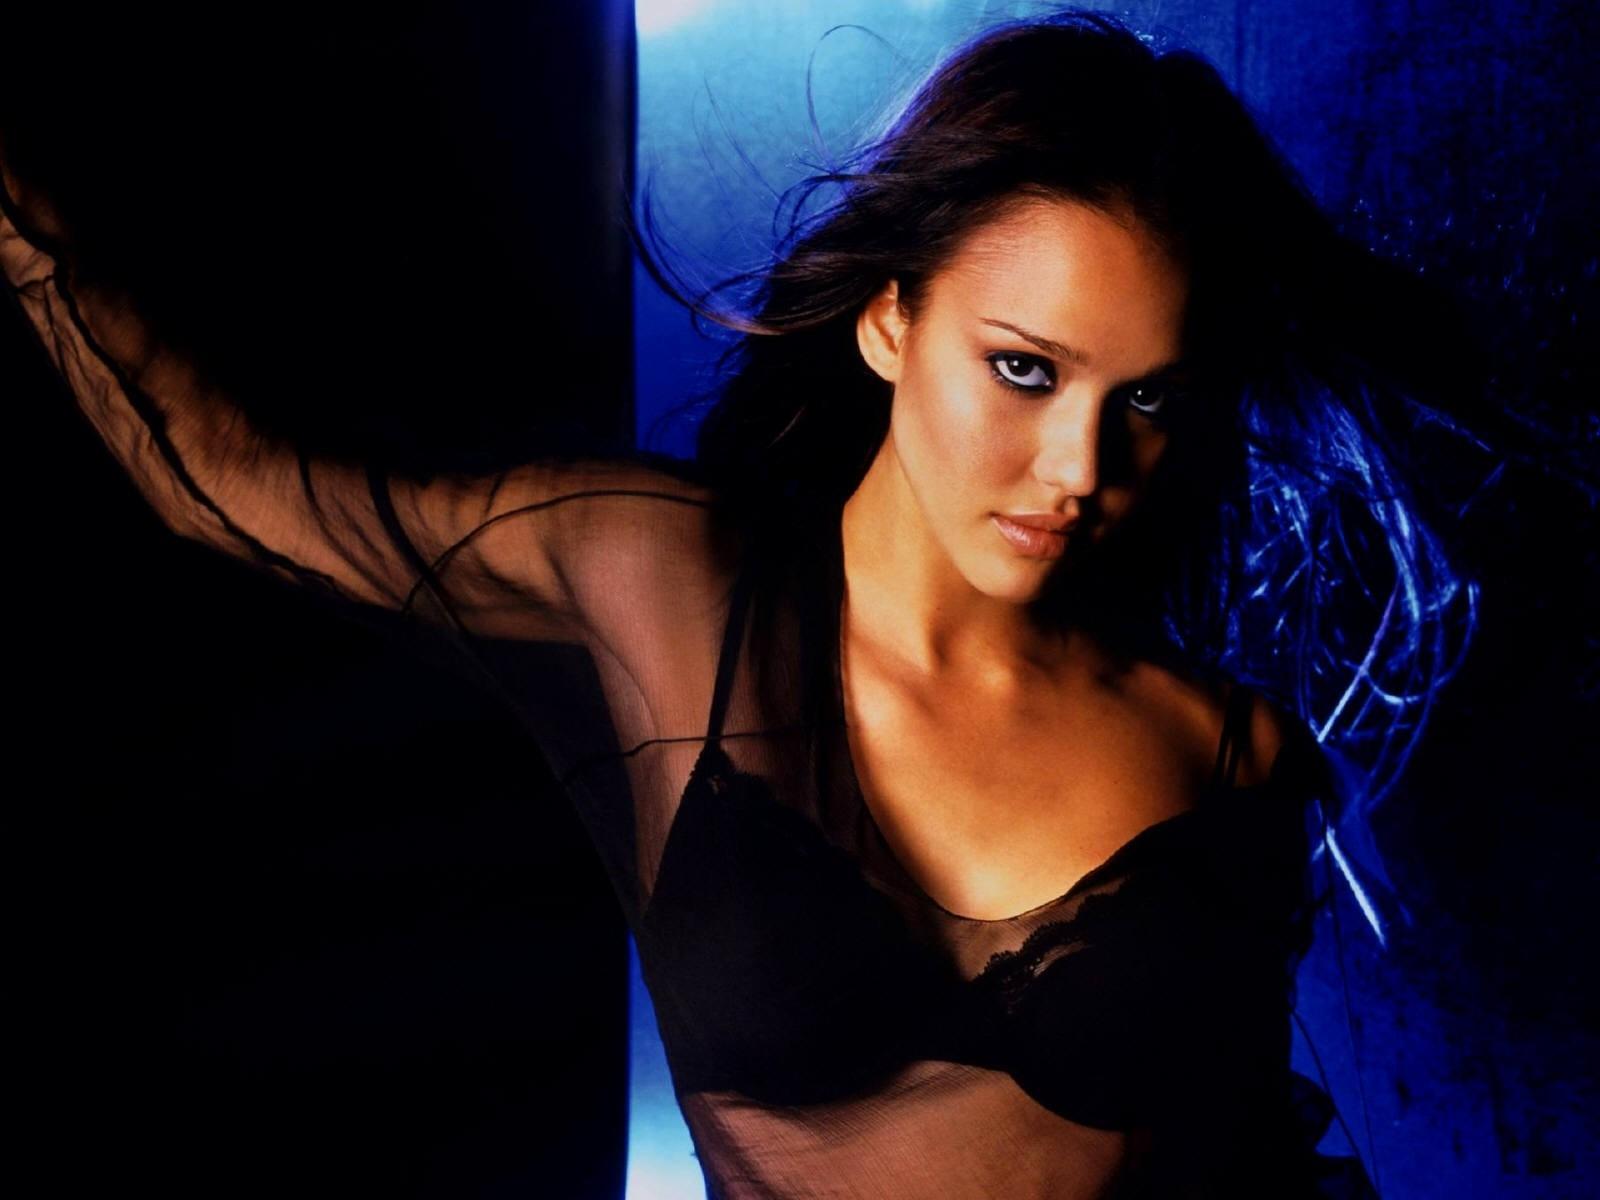 Wallpaper di Jessica Alba su sfondo blu e nero